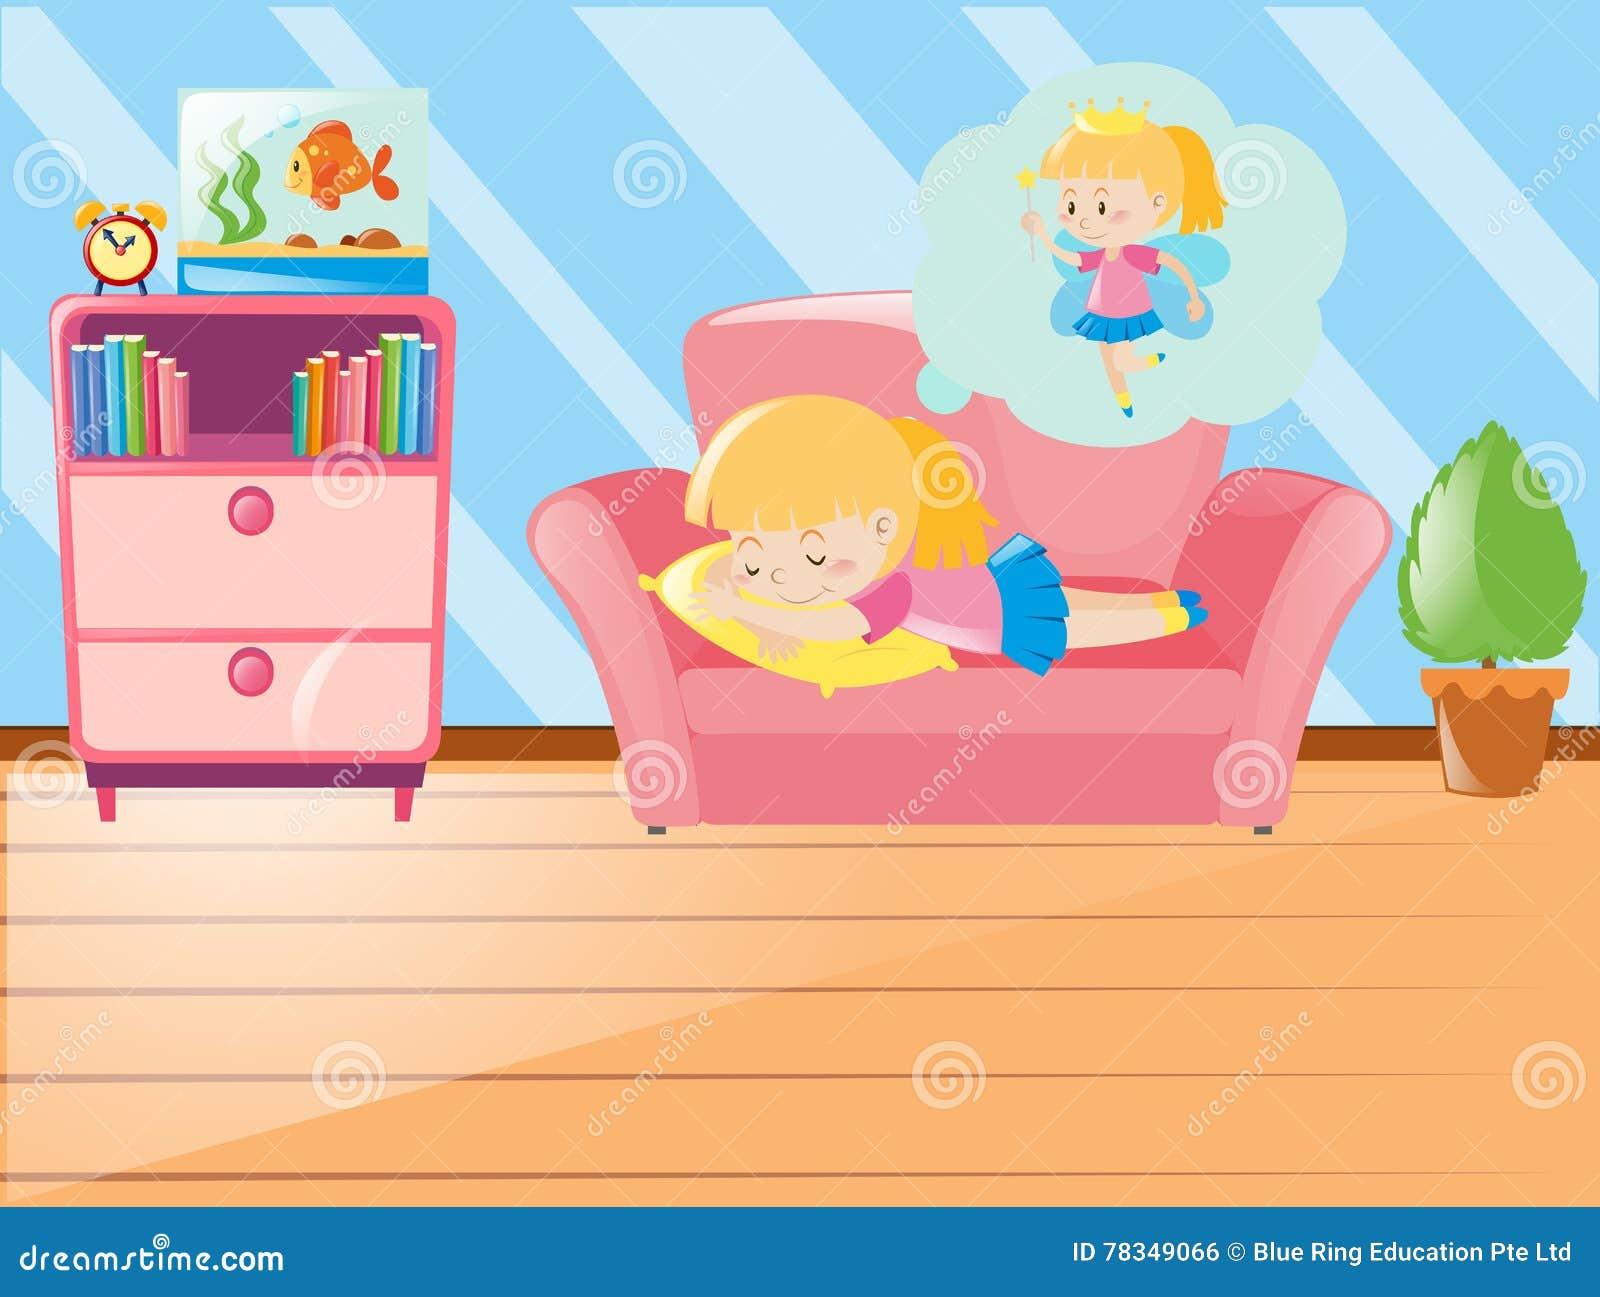 Fille Faisant Une Sieste Sur Le Sofa Dans Le Salon Illustration De